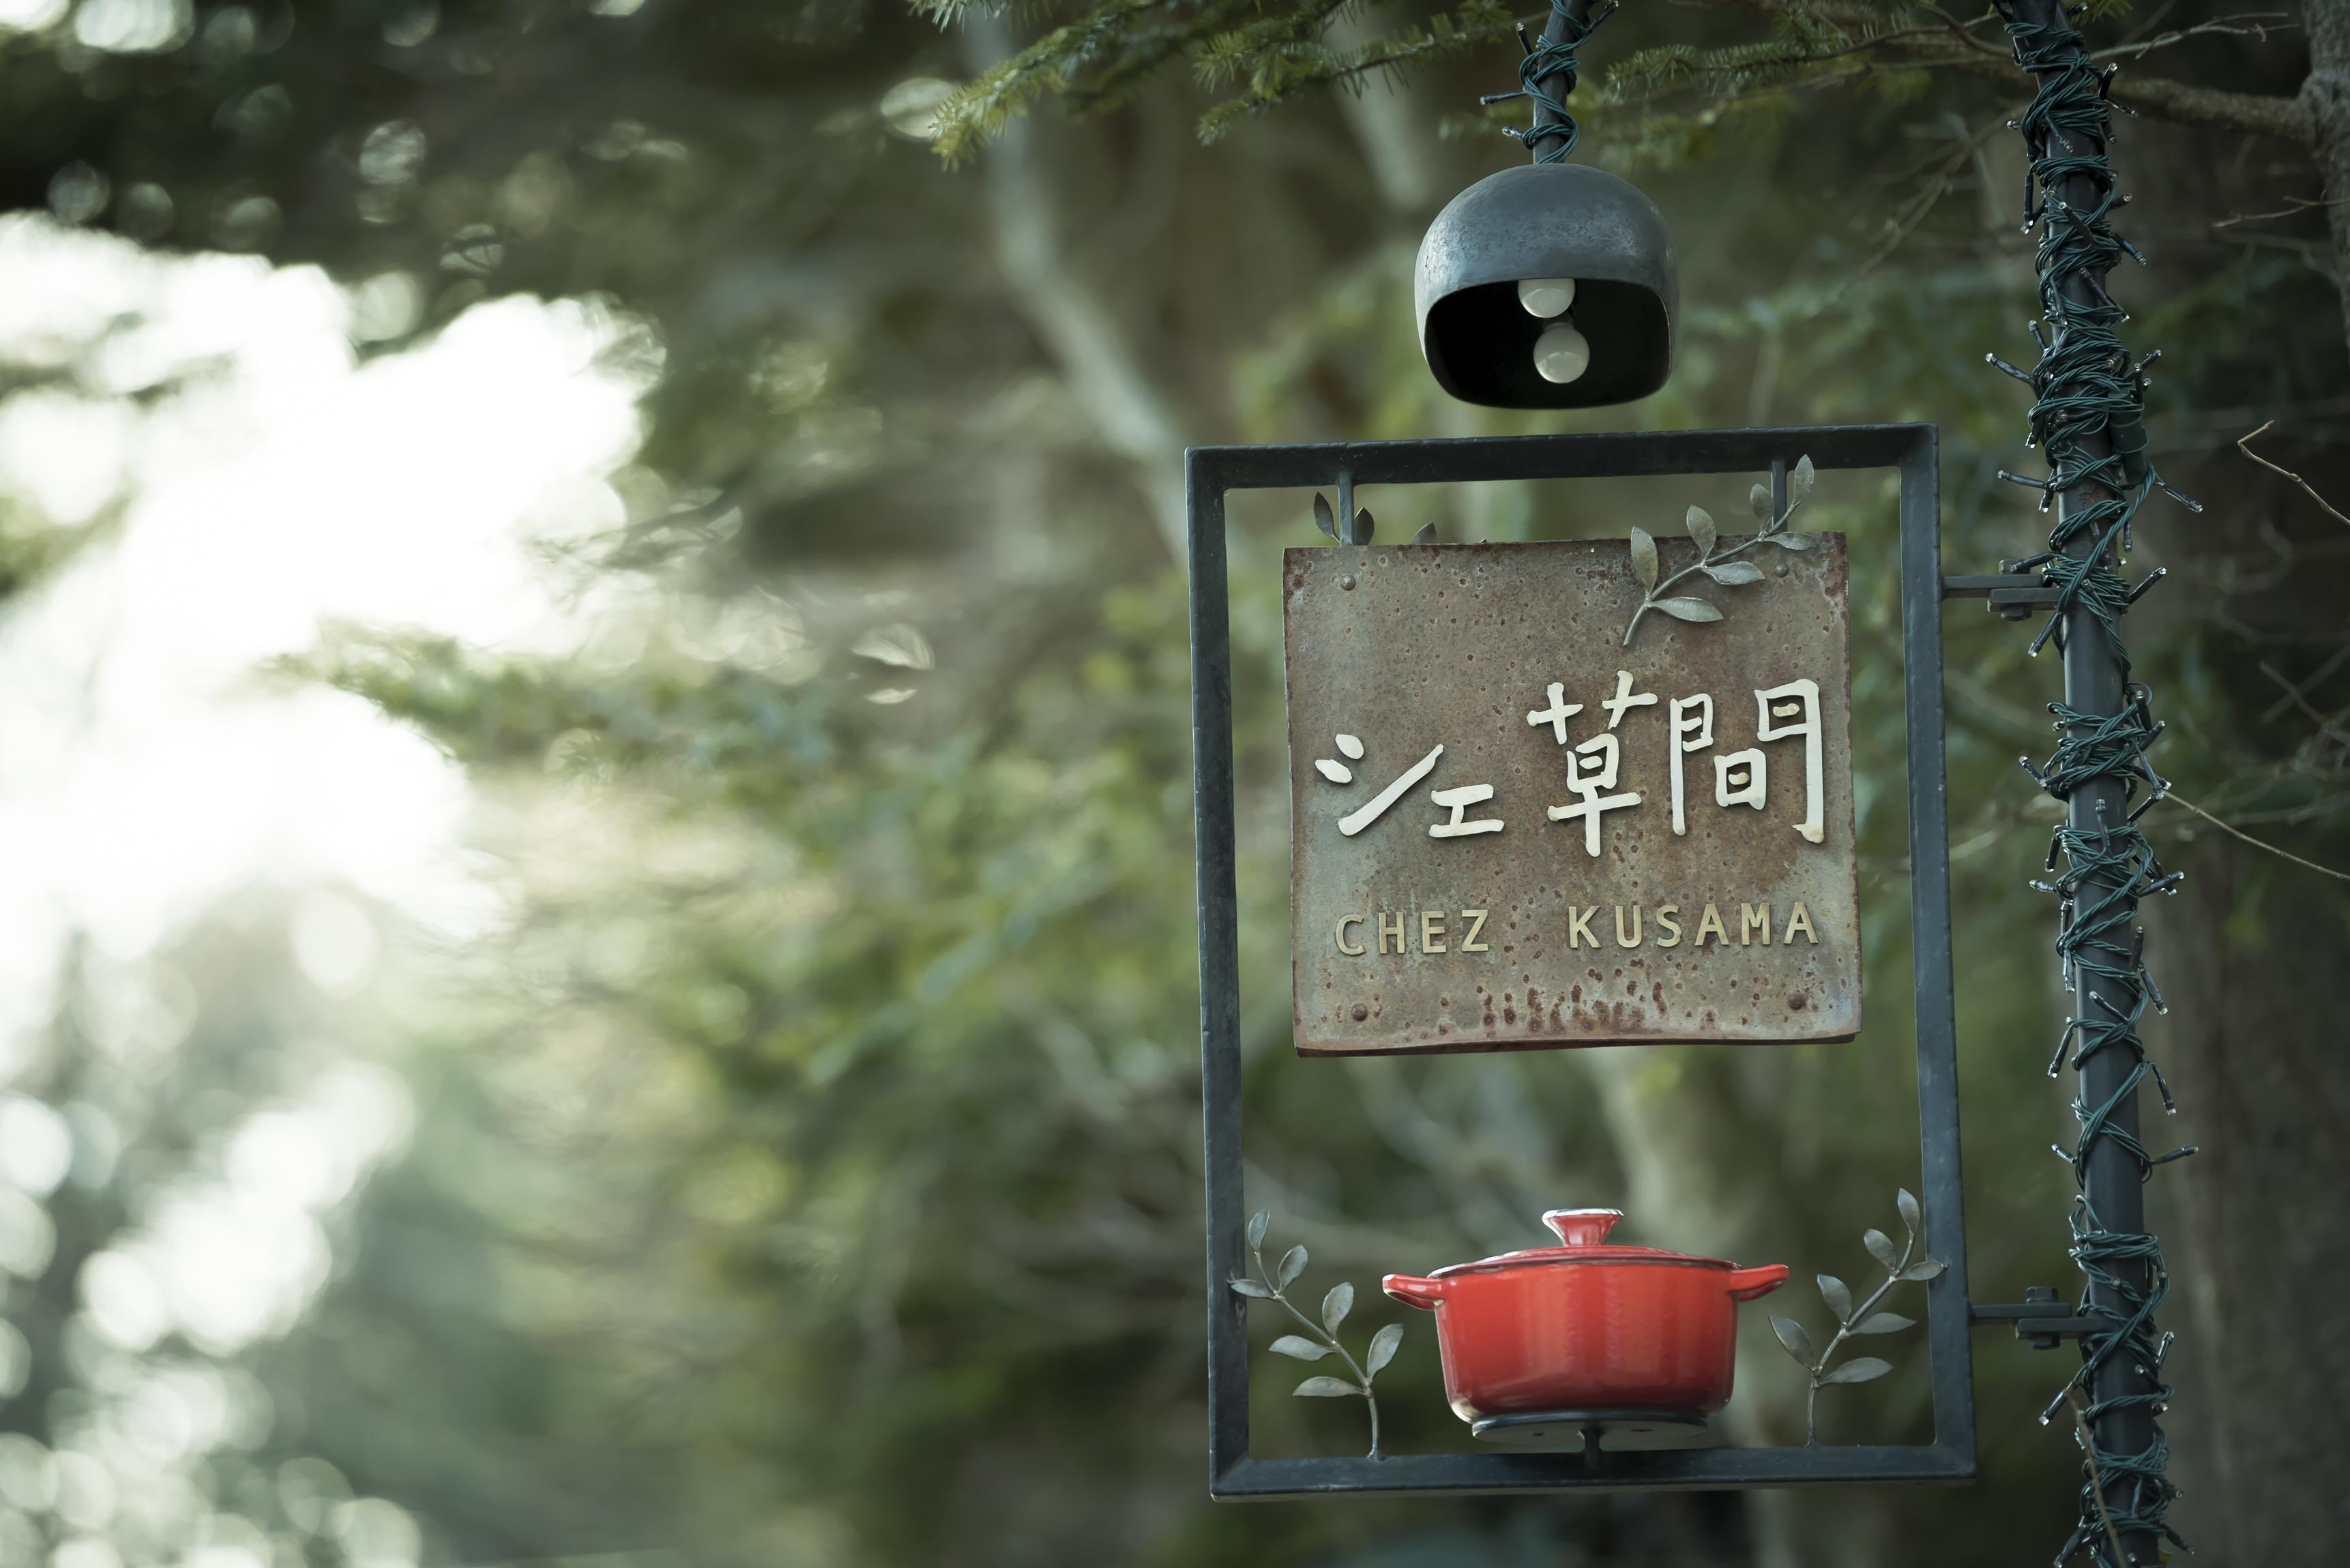 |シェ草間|<br>希少なNAGANO WINEと軽井沢の風を感じるフレンチ料理のマリアージュ